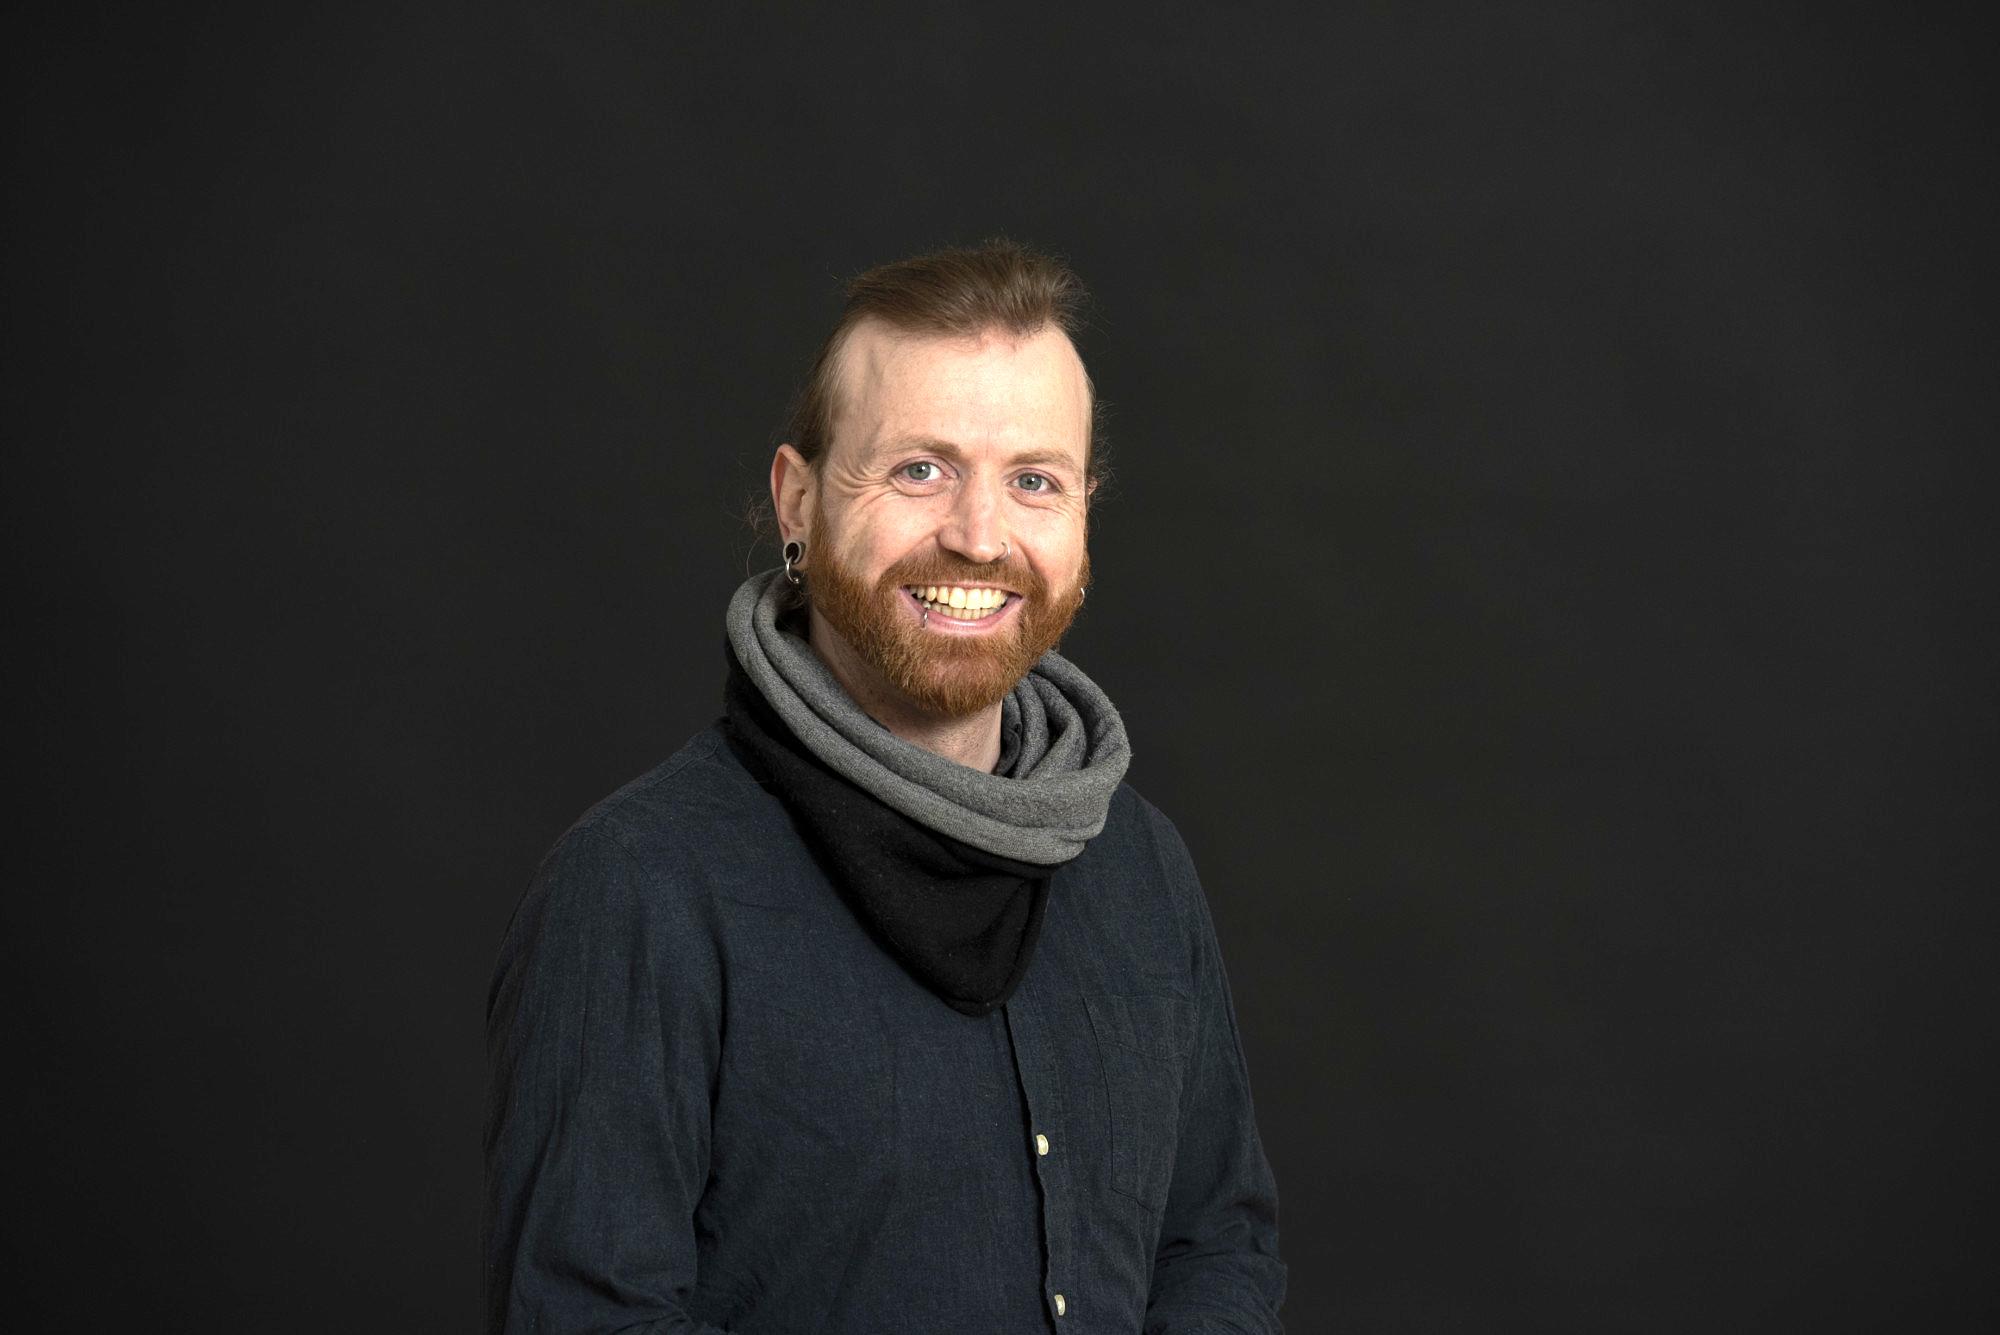 Timo Schreiner